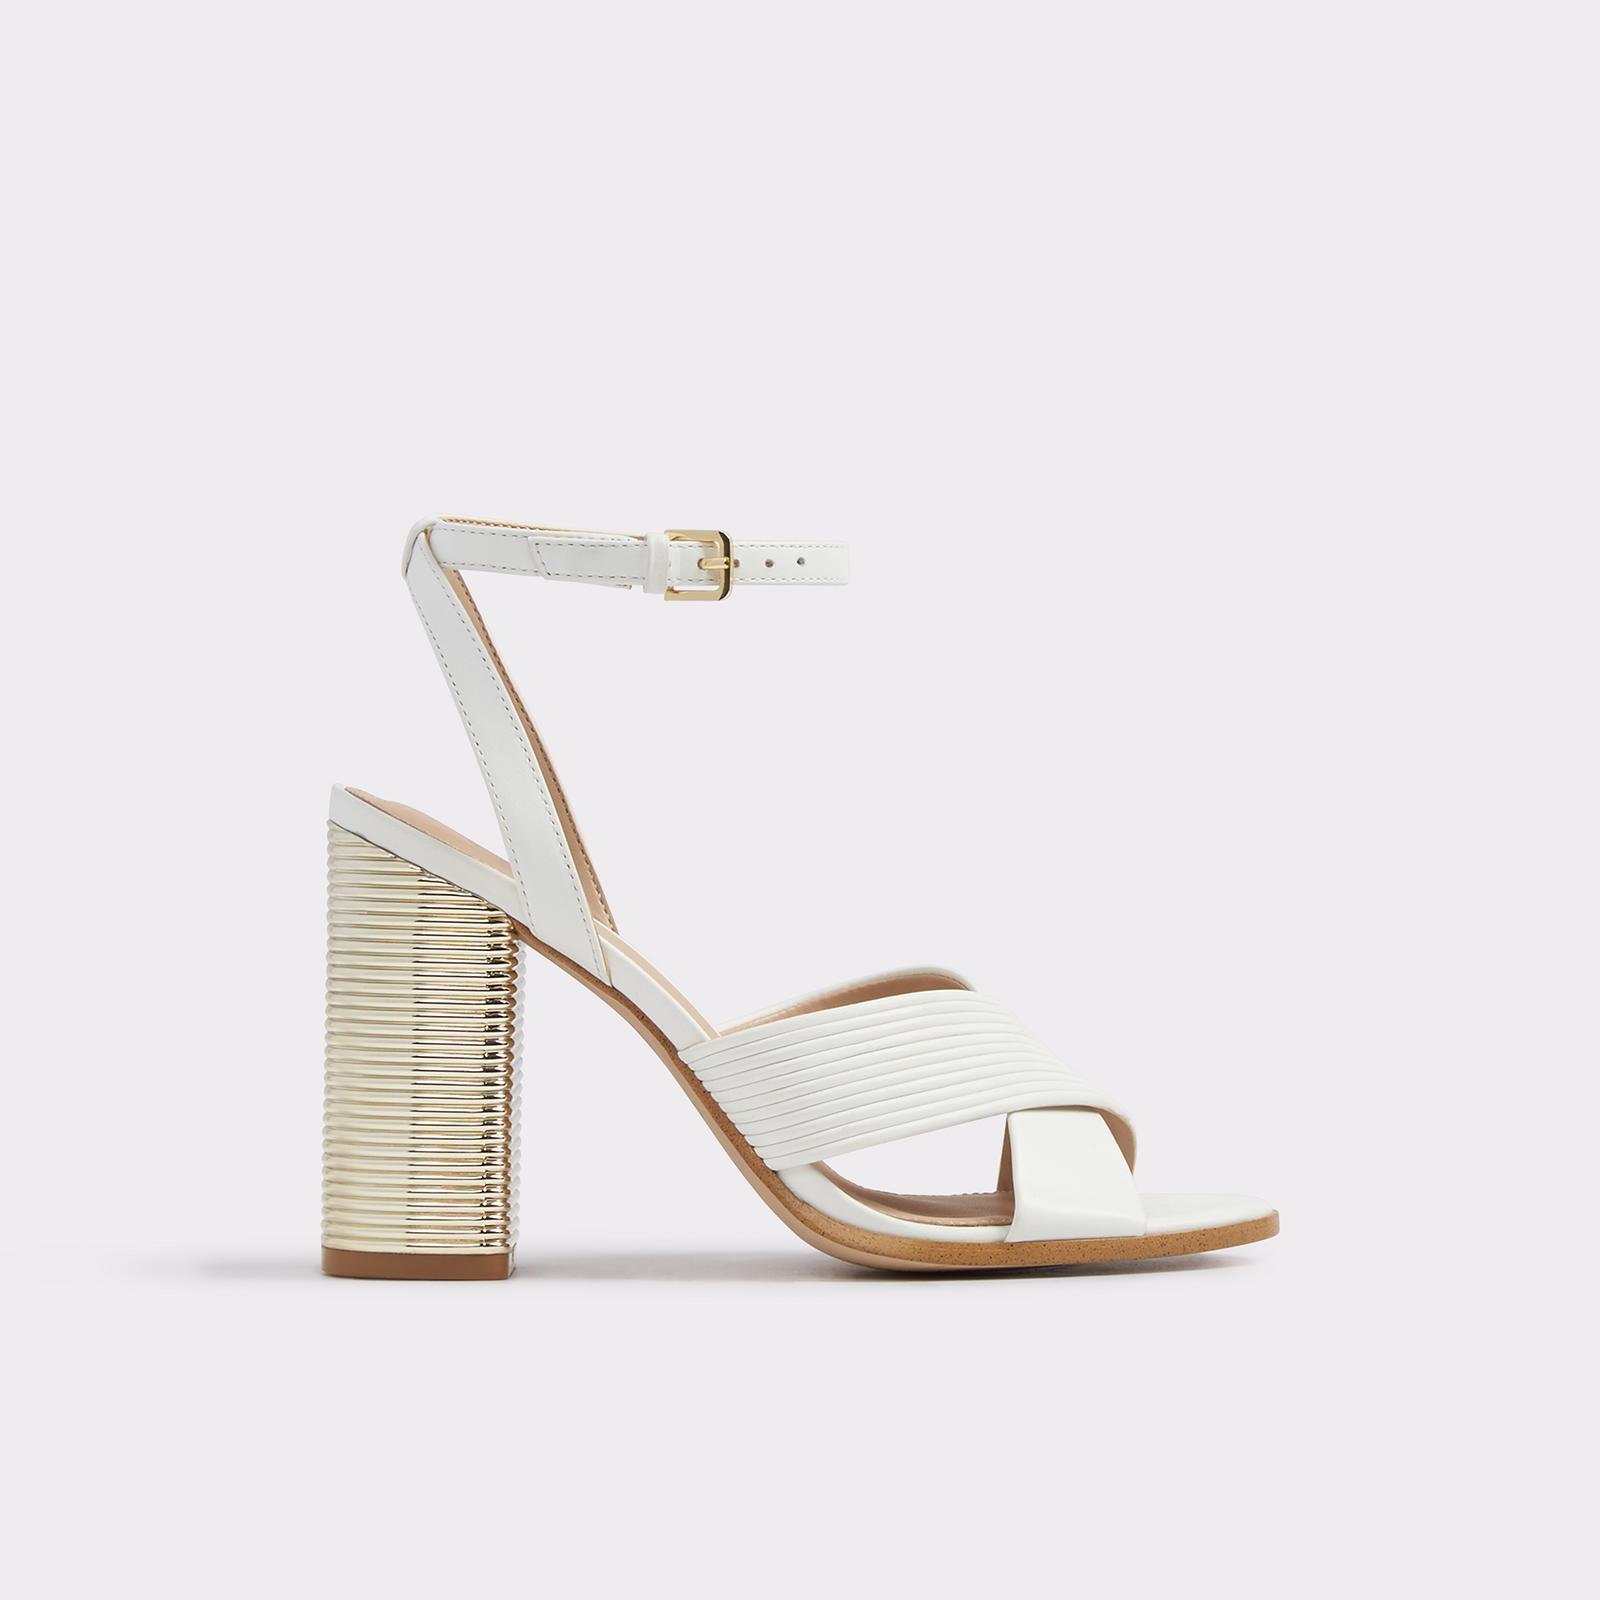 Chic Summer Sandals 2017